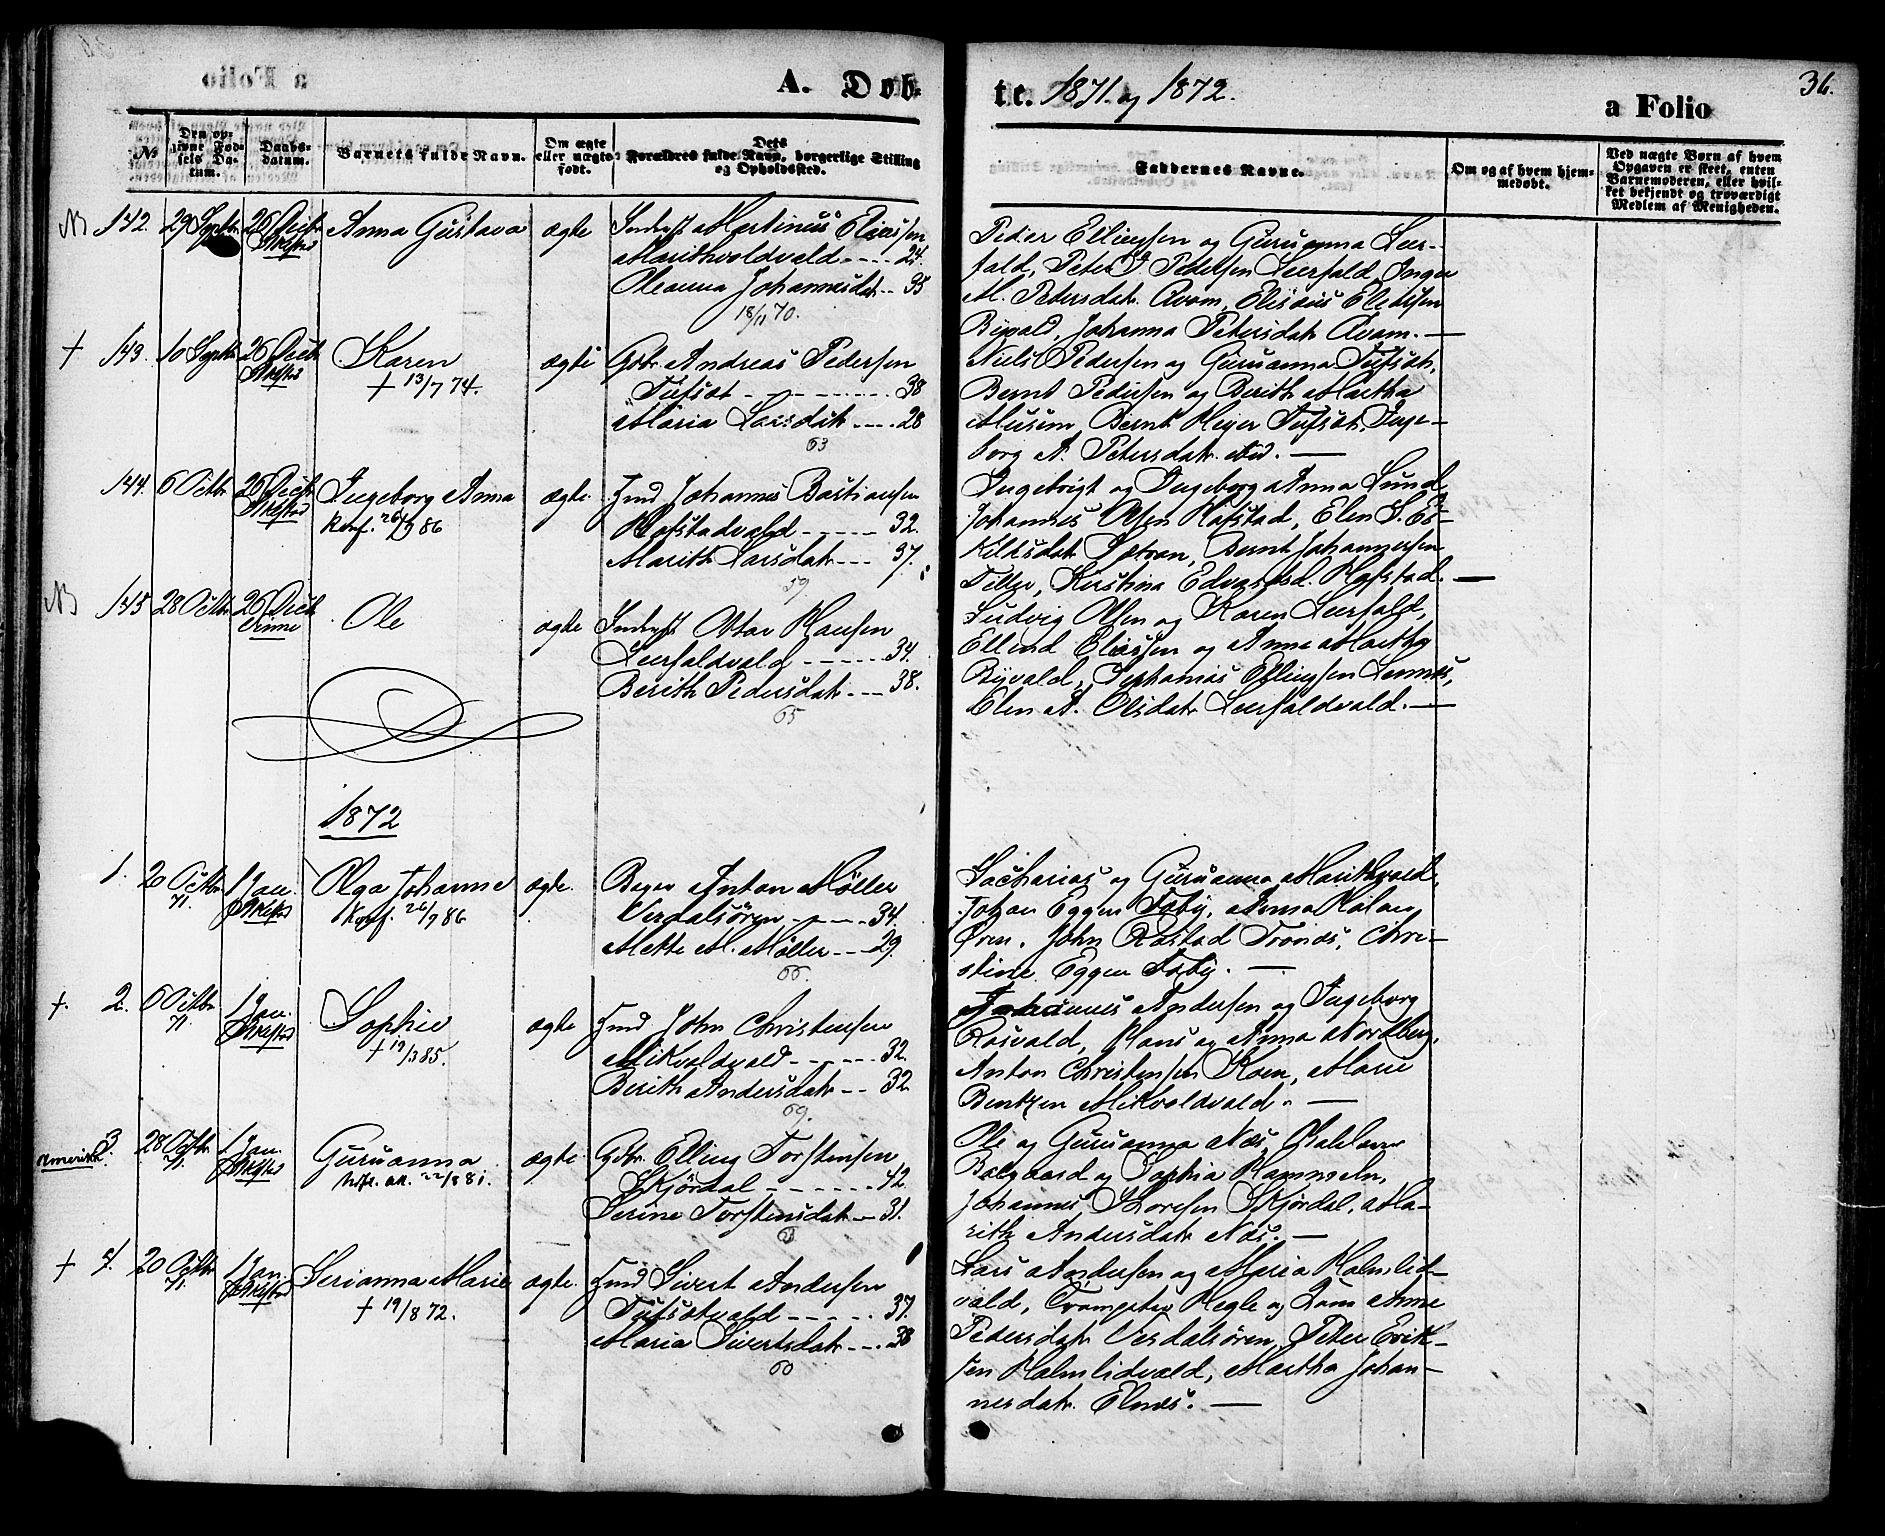 SAT, Ministerialprotokoller, klokkerbøker og fødselsregistre - Nord-Trøndelag, 723/L0242: Ministerialbok nr. 723A11, 1870-1880, s. 36